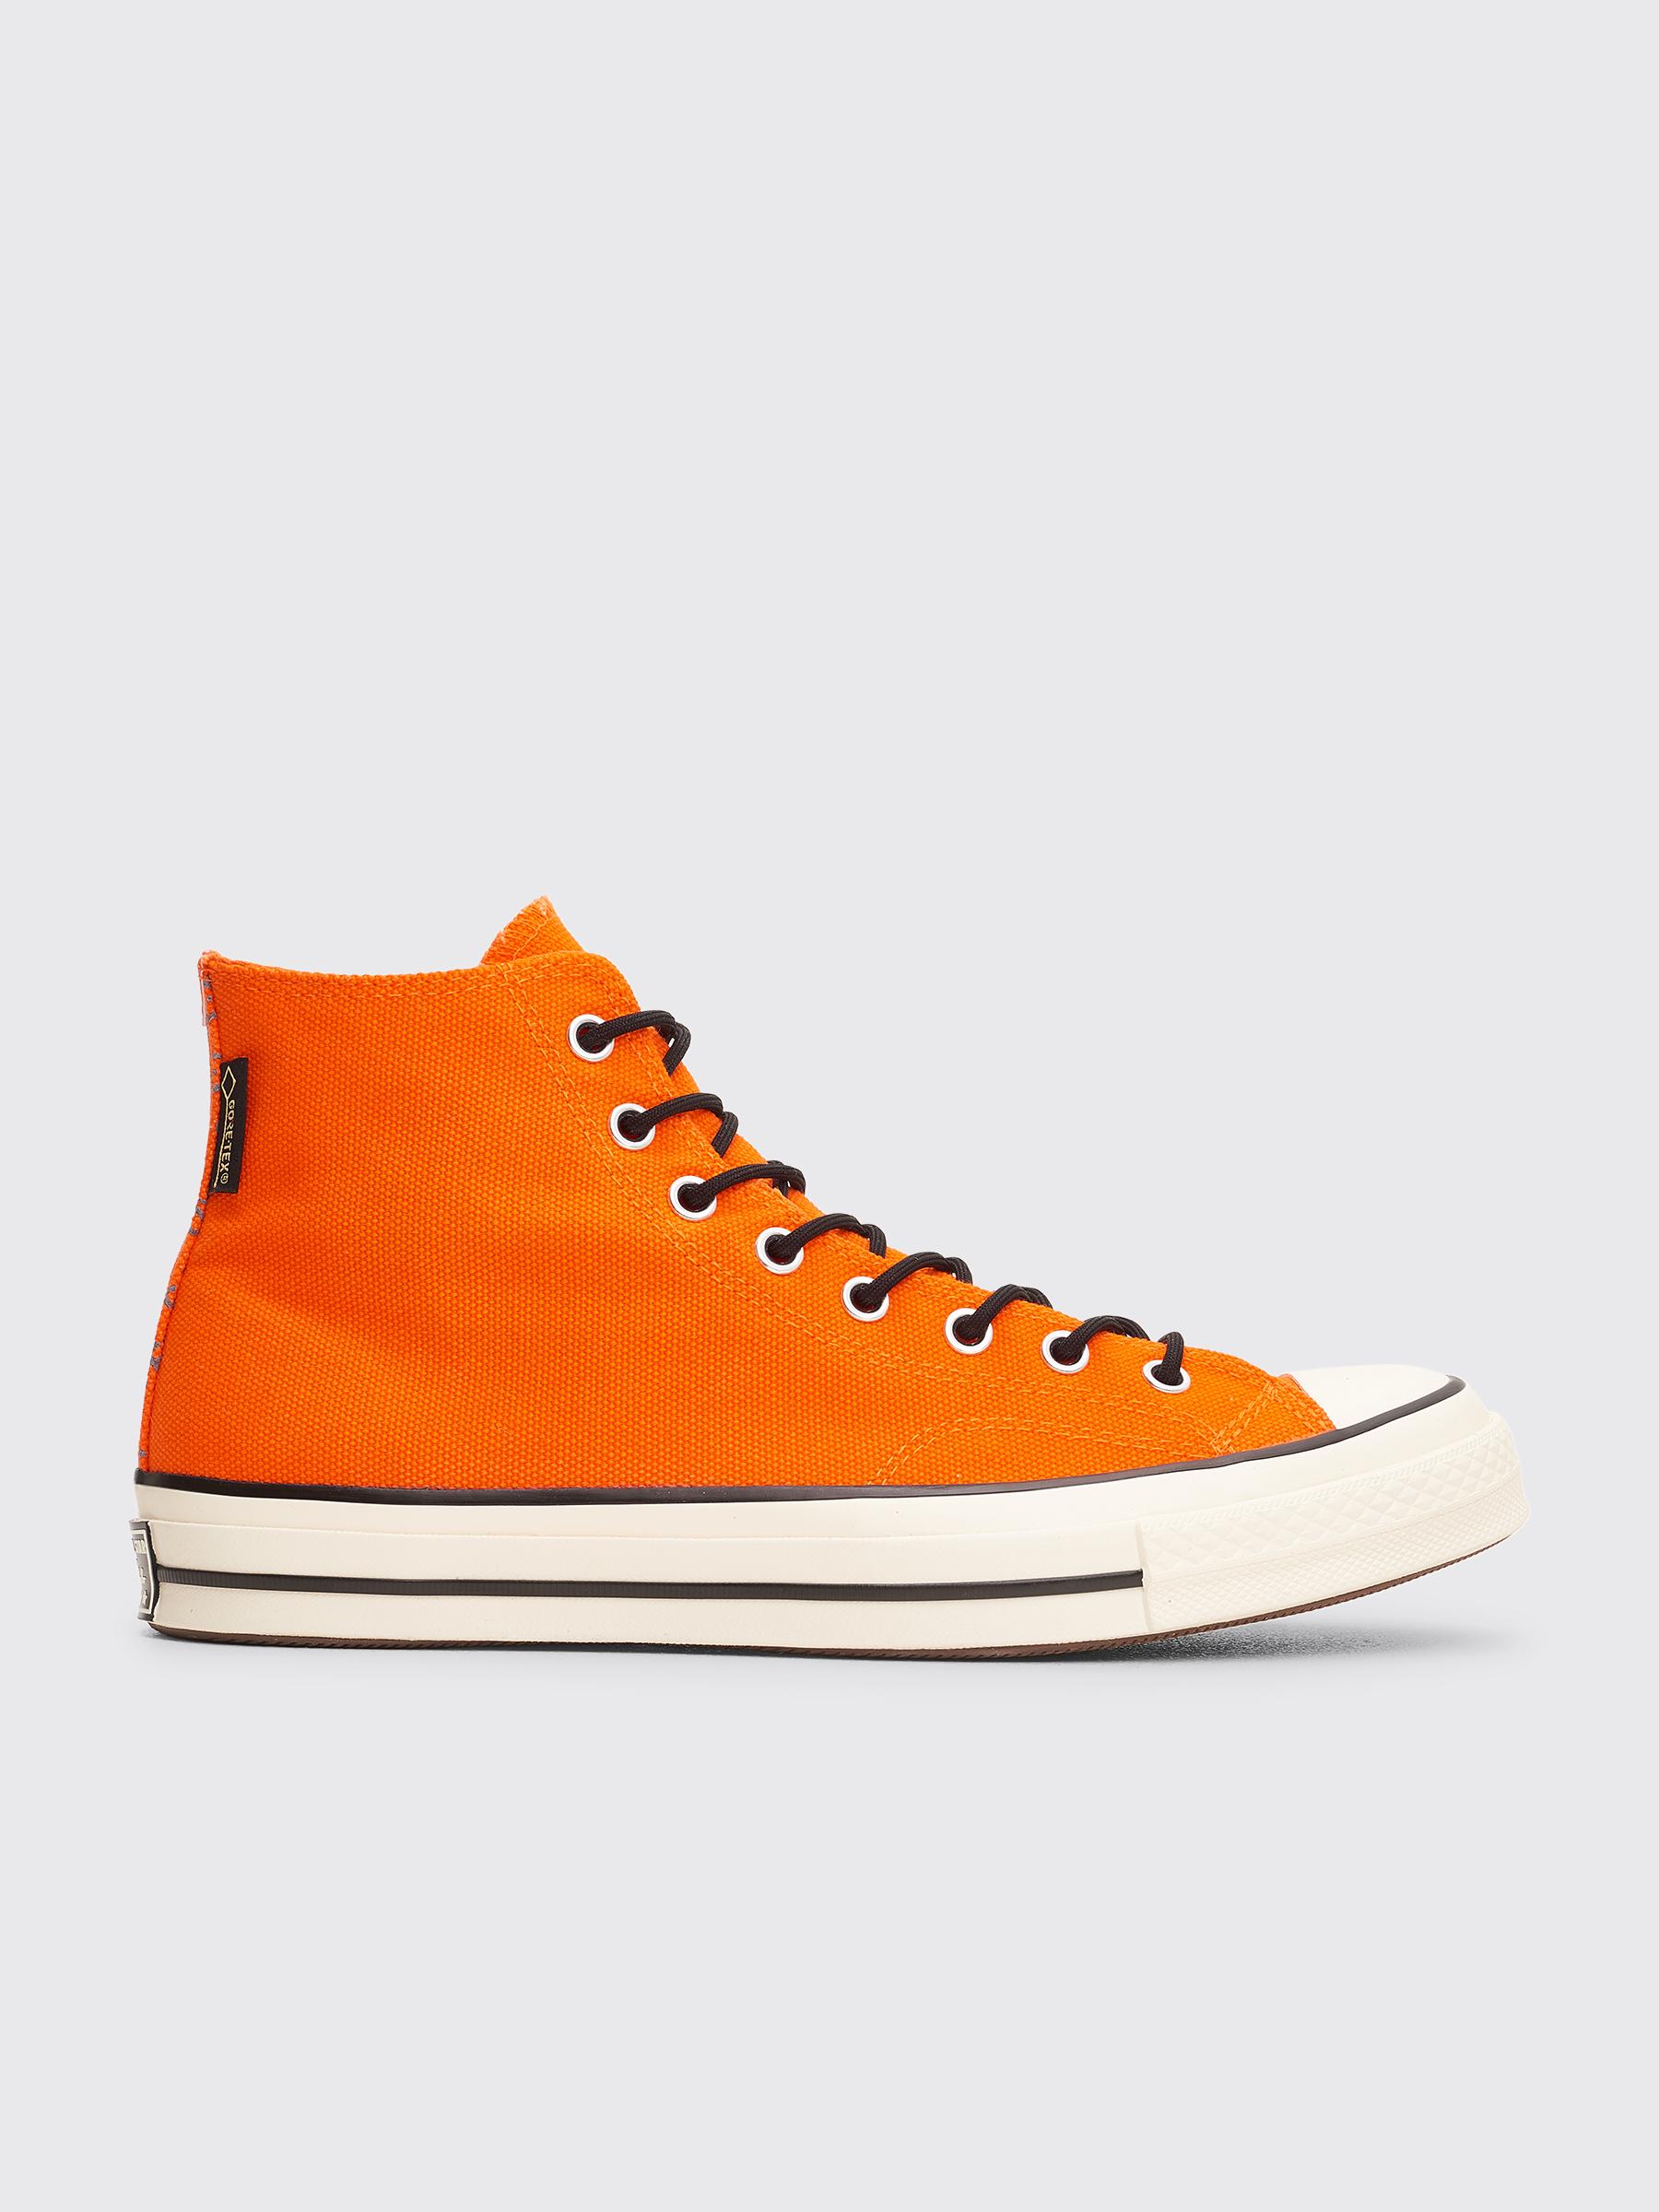 97c5d78617d31 Très Bien - Converse Chuck 70 Hi Gore-Tex Orange